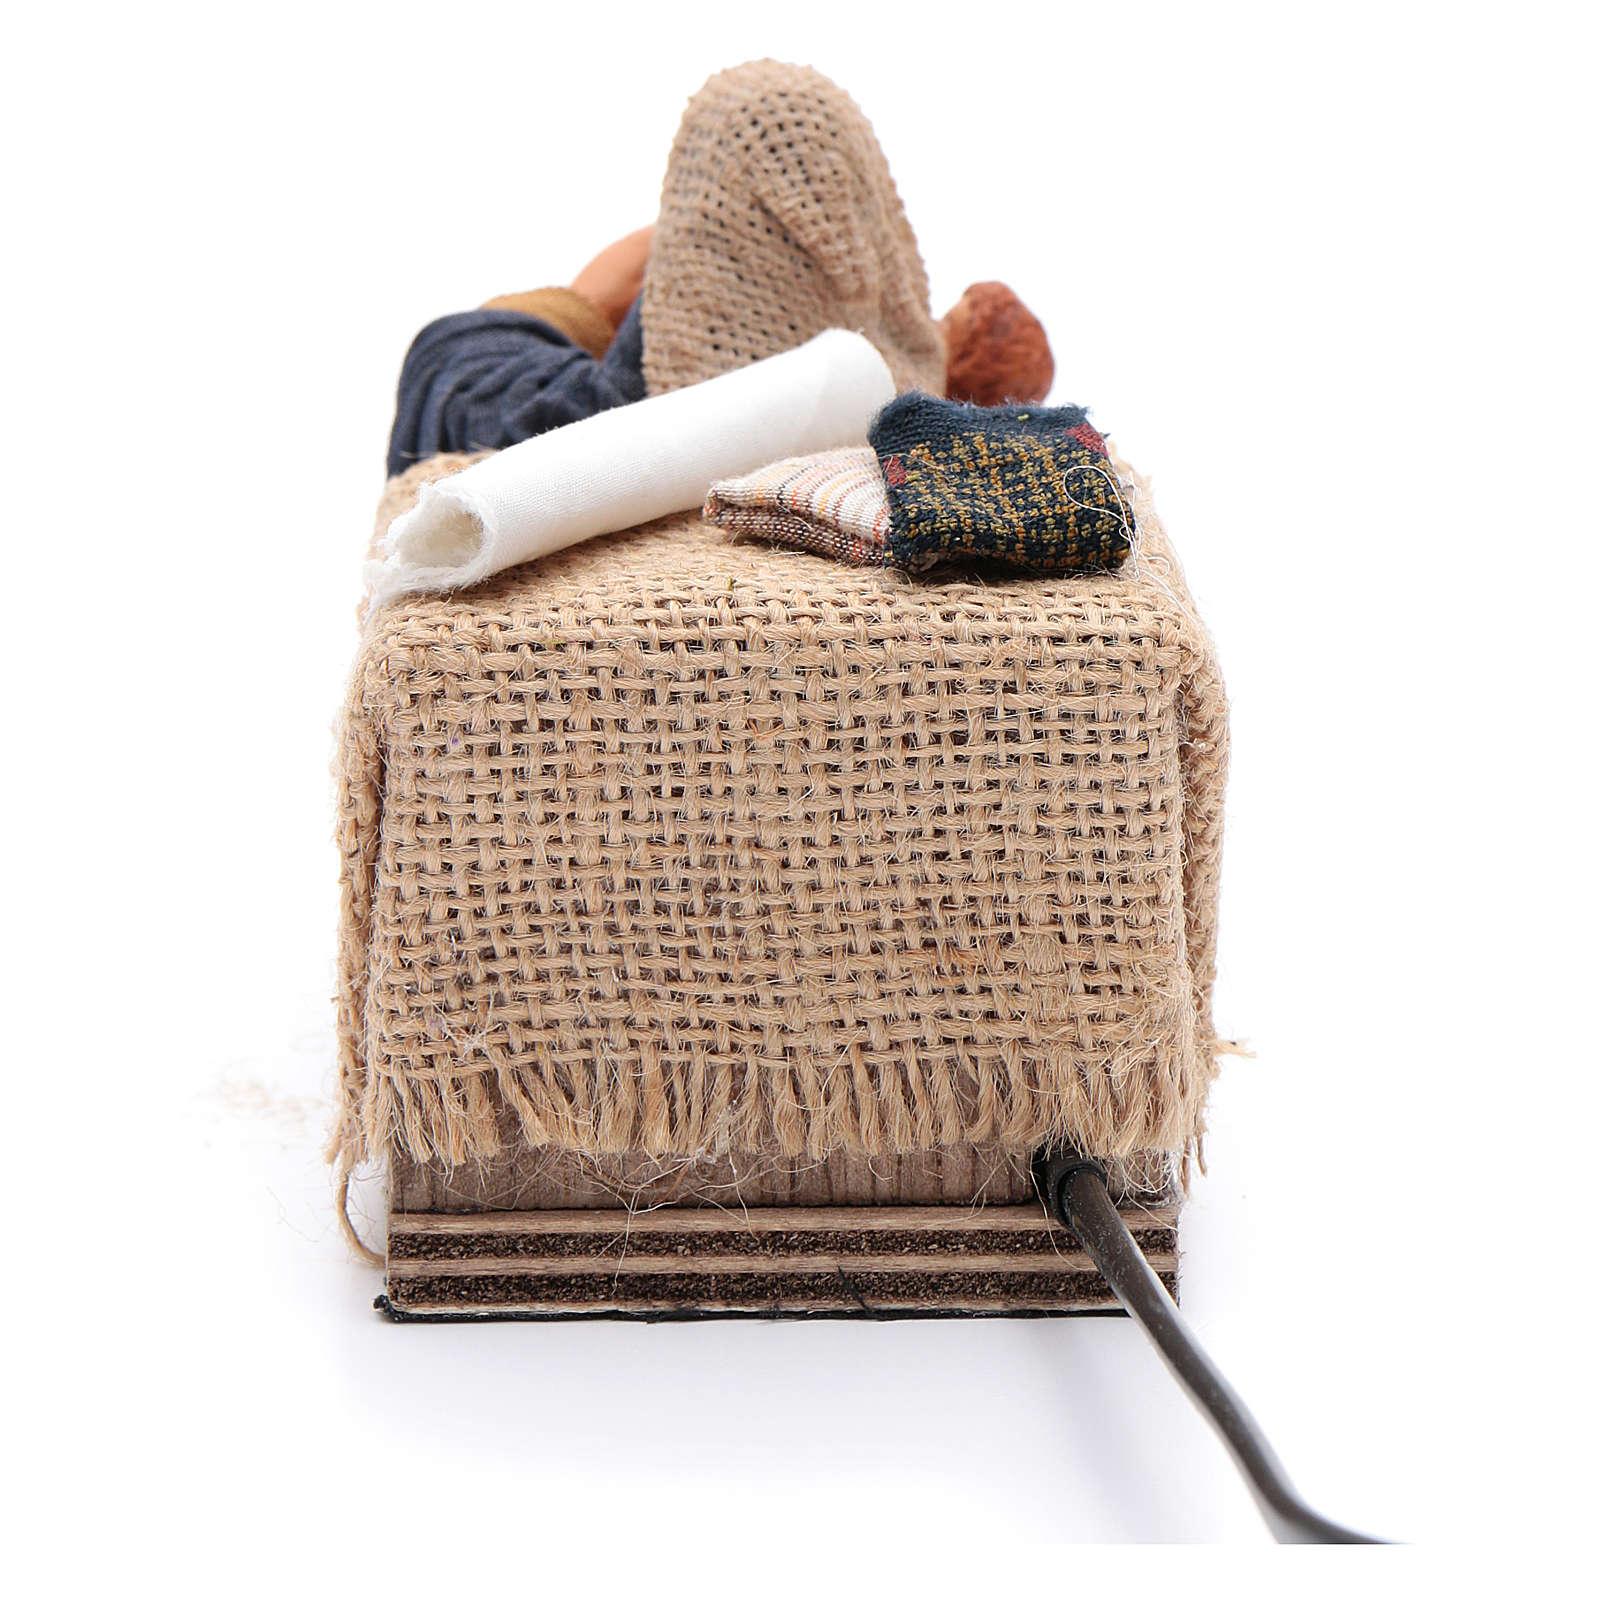 Maman caresse son fils assise crèche napolitaine 12 cm animation 4